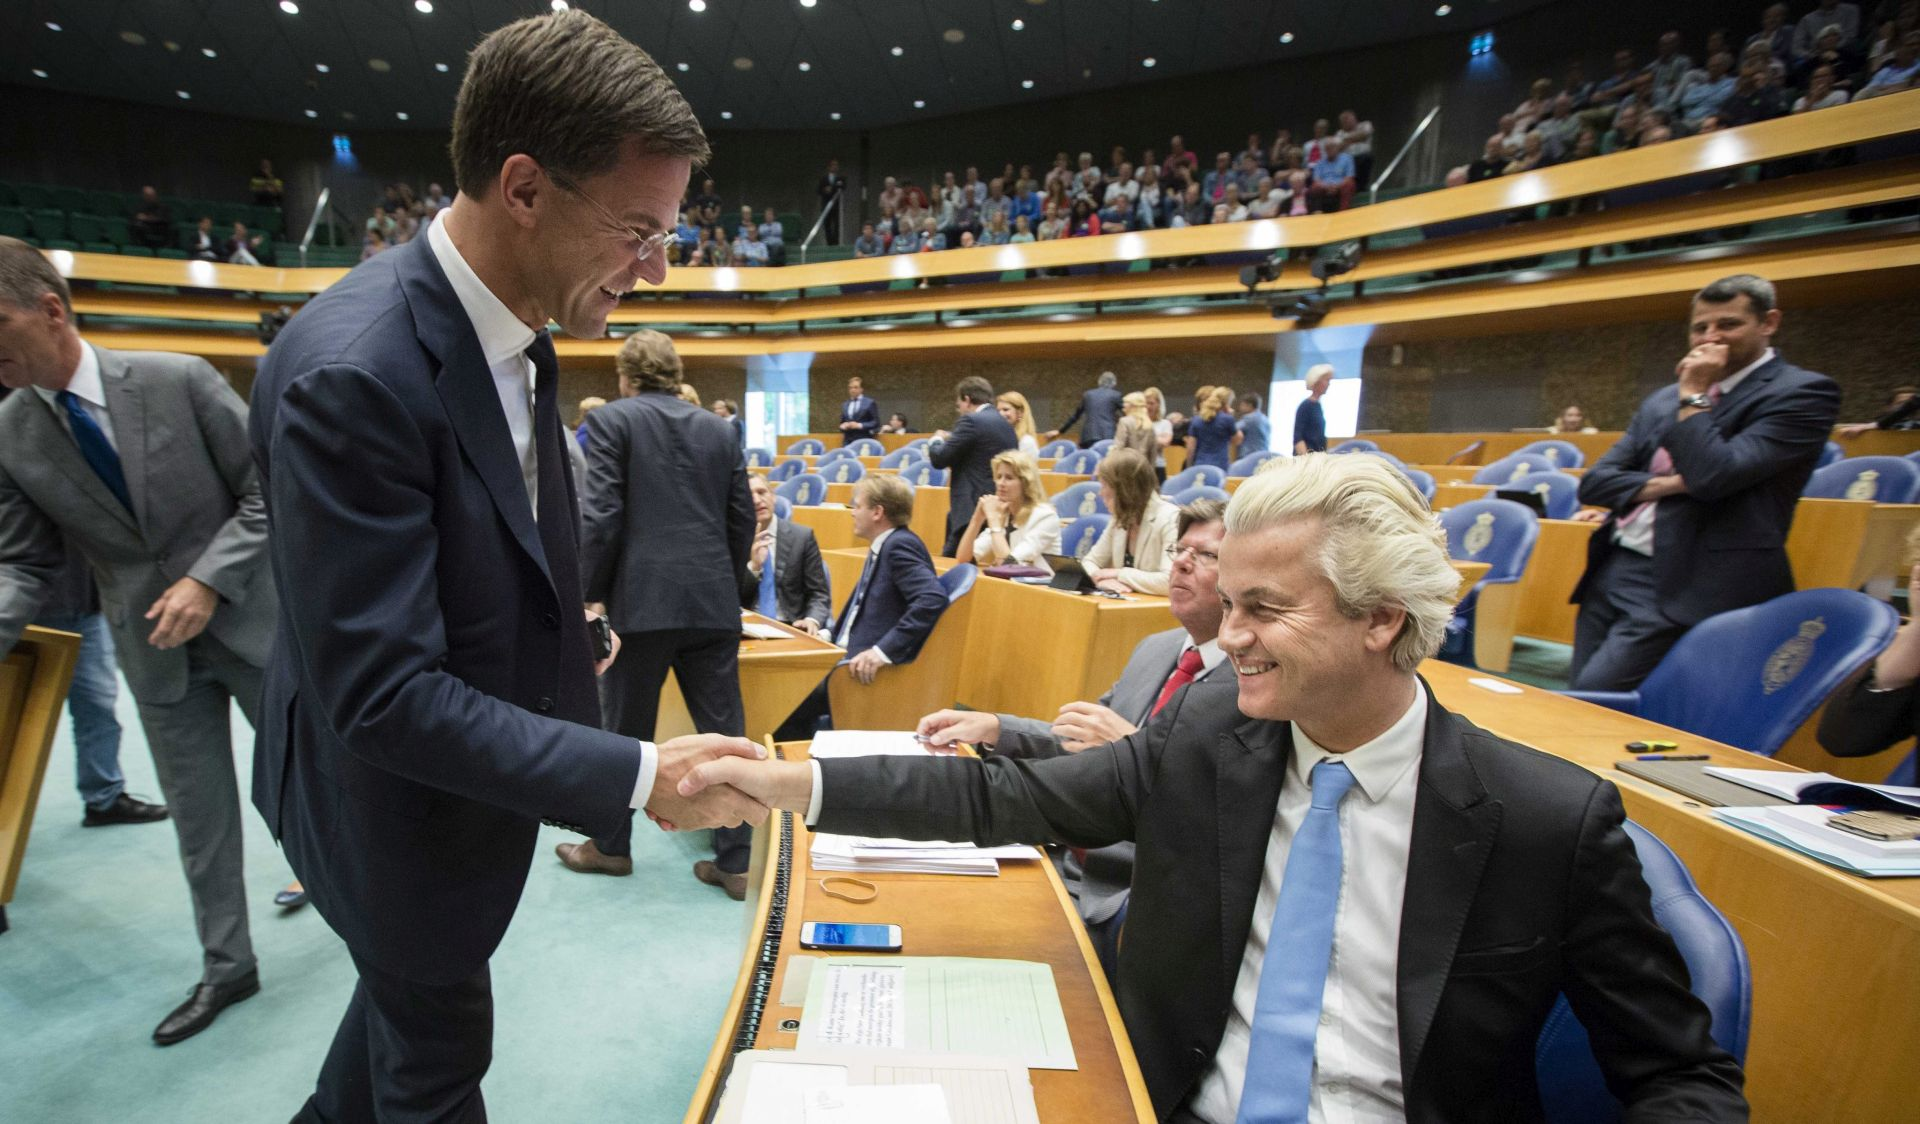 """NIZOZEMSKA DESNICA: Wilders nazvao val izbjeglica koje dolaze u Europu """"islamskom invazijom"""""""